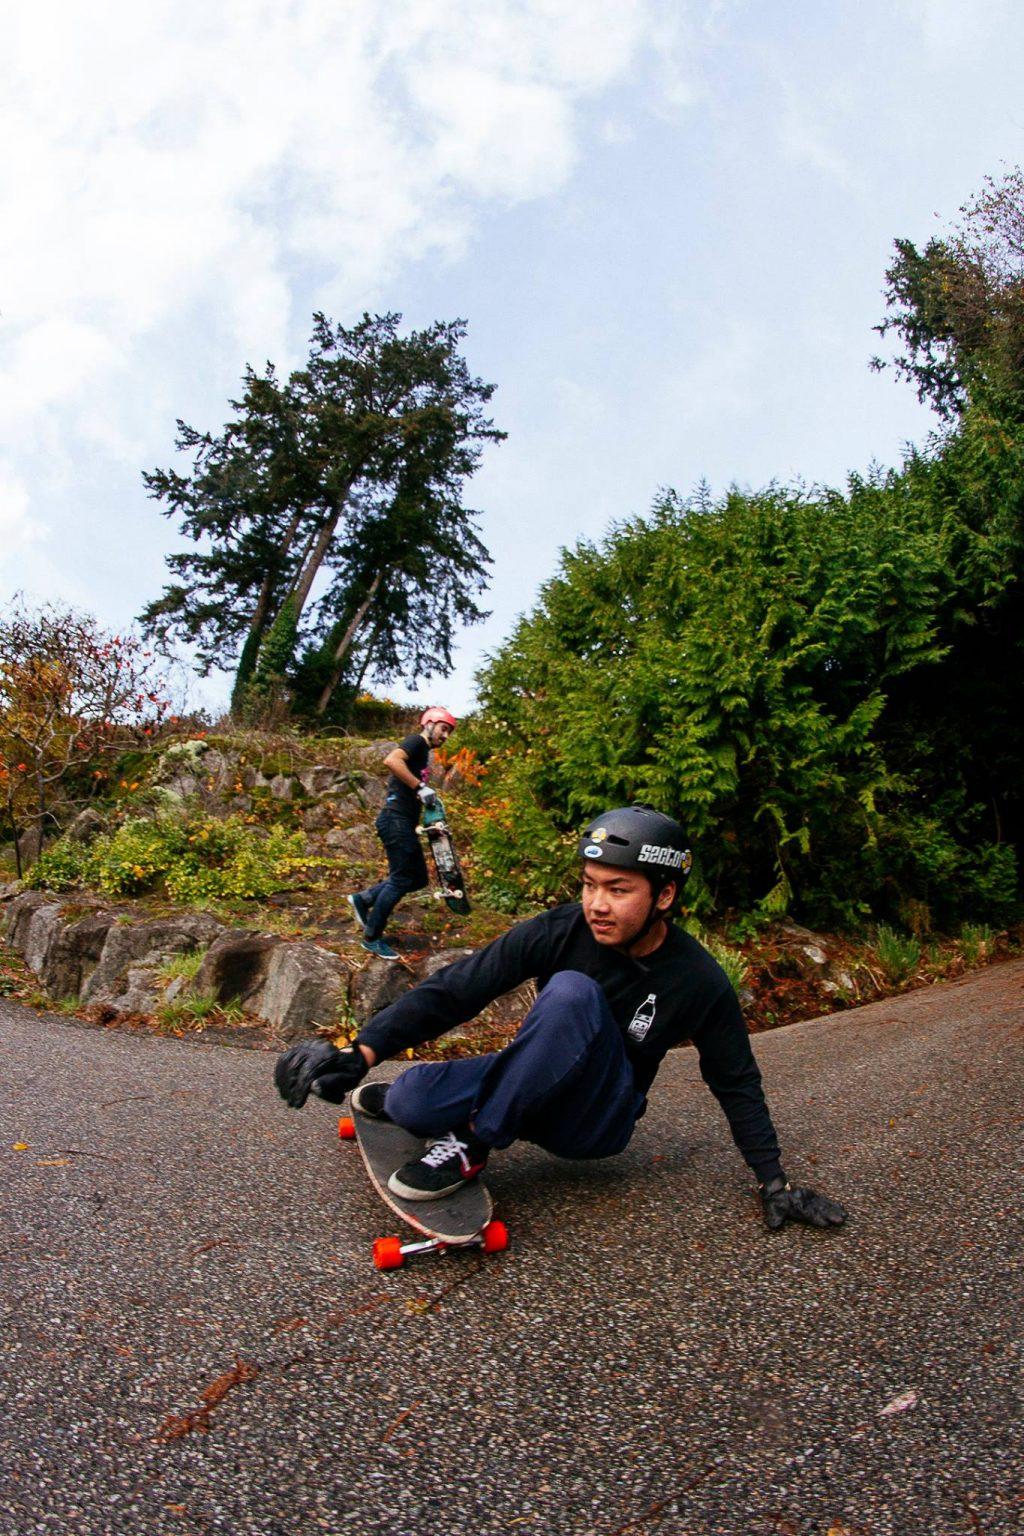 25-sam-galus-flatspot-longboards-valhalla-skateboards-higway-jam-highwayjamx-sho-ouellette-sho-stopper-longboarding